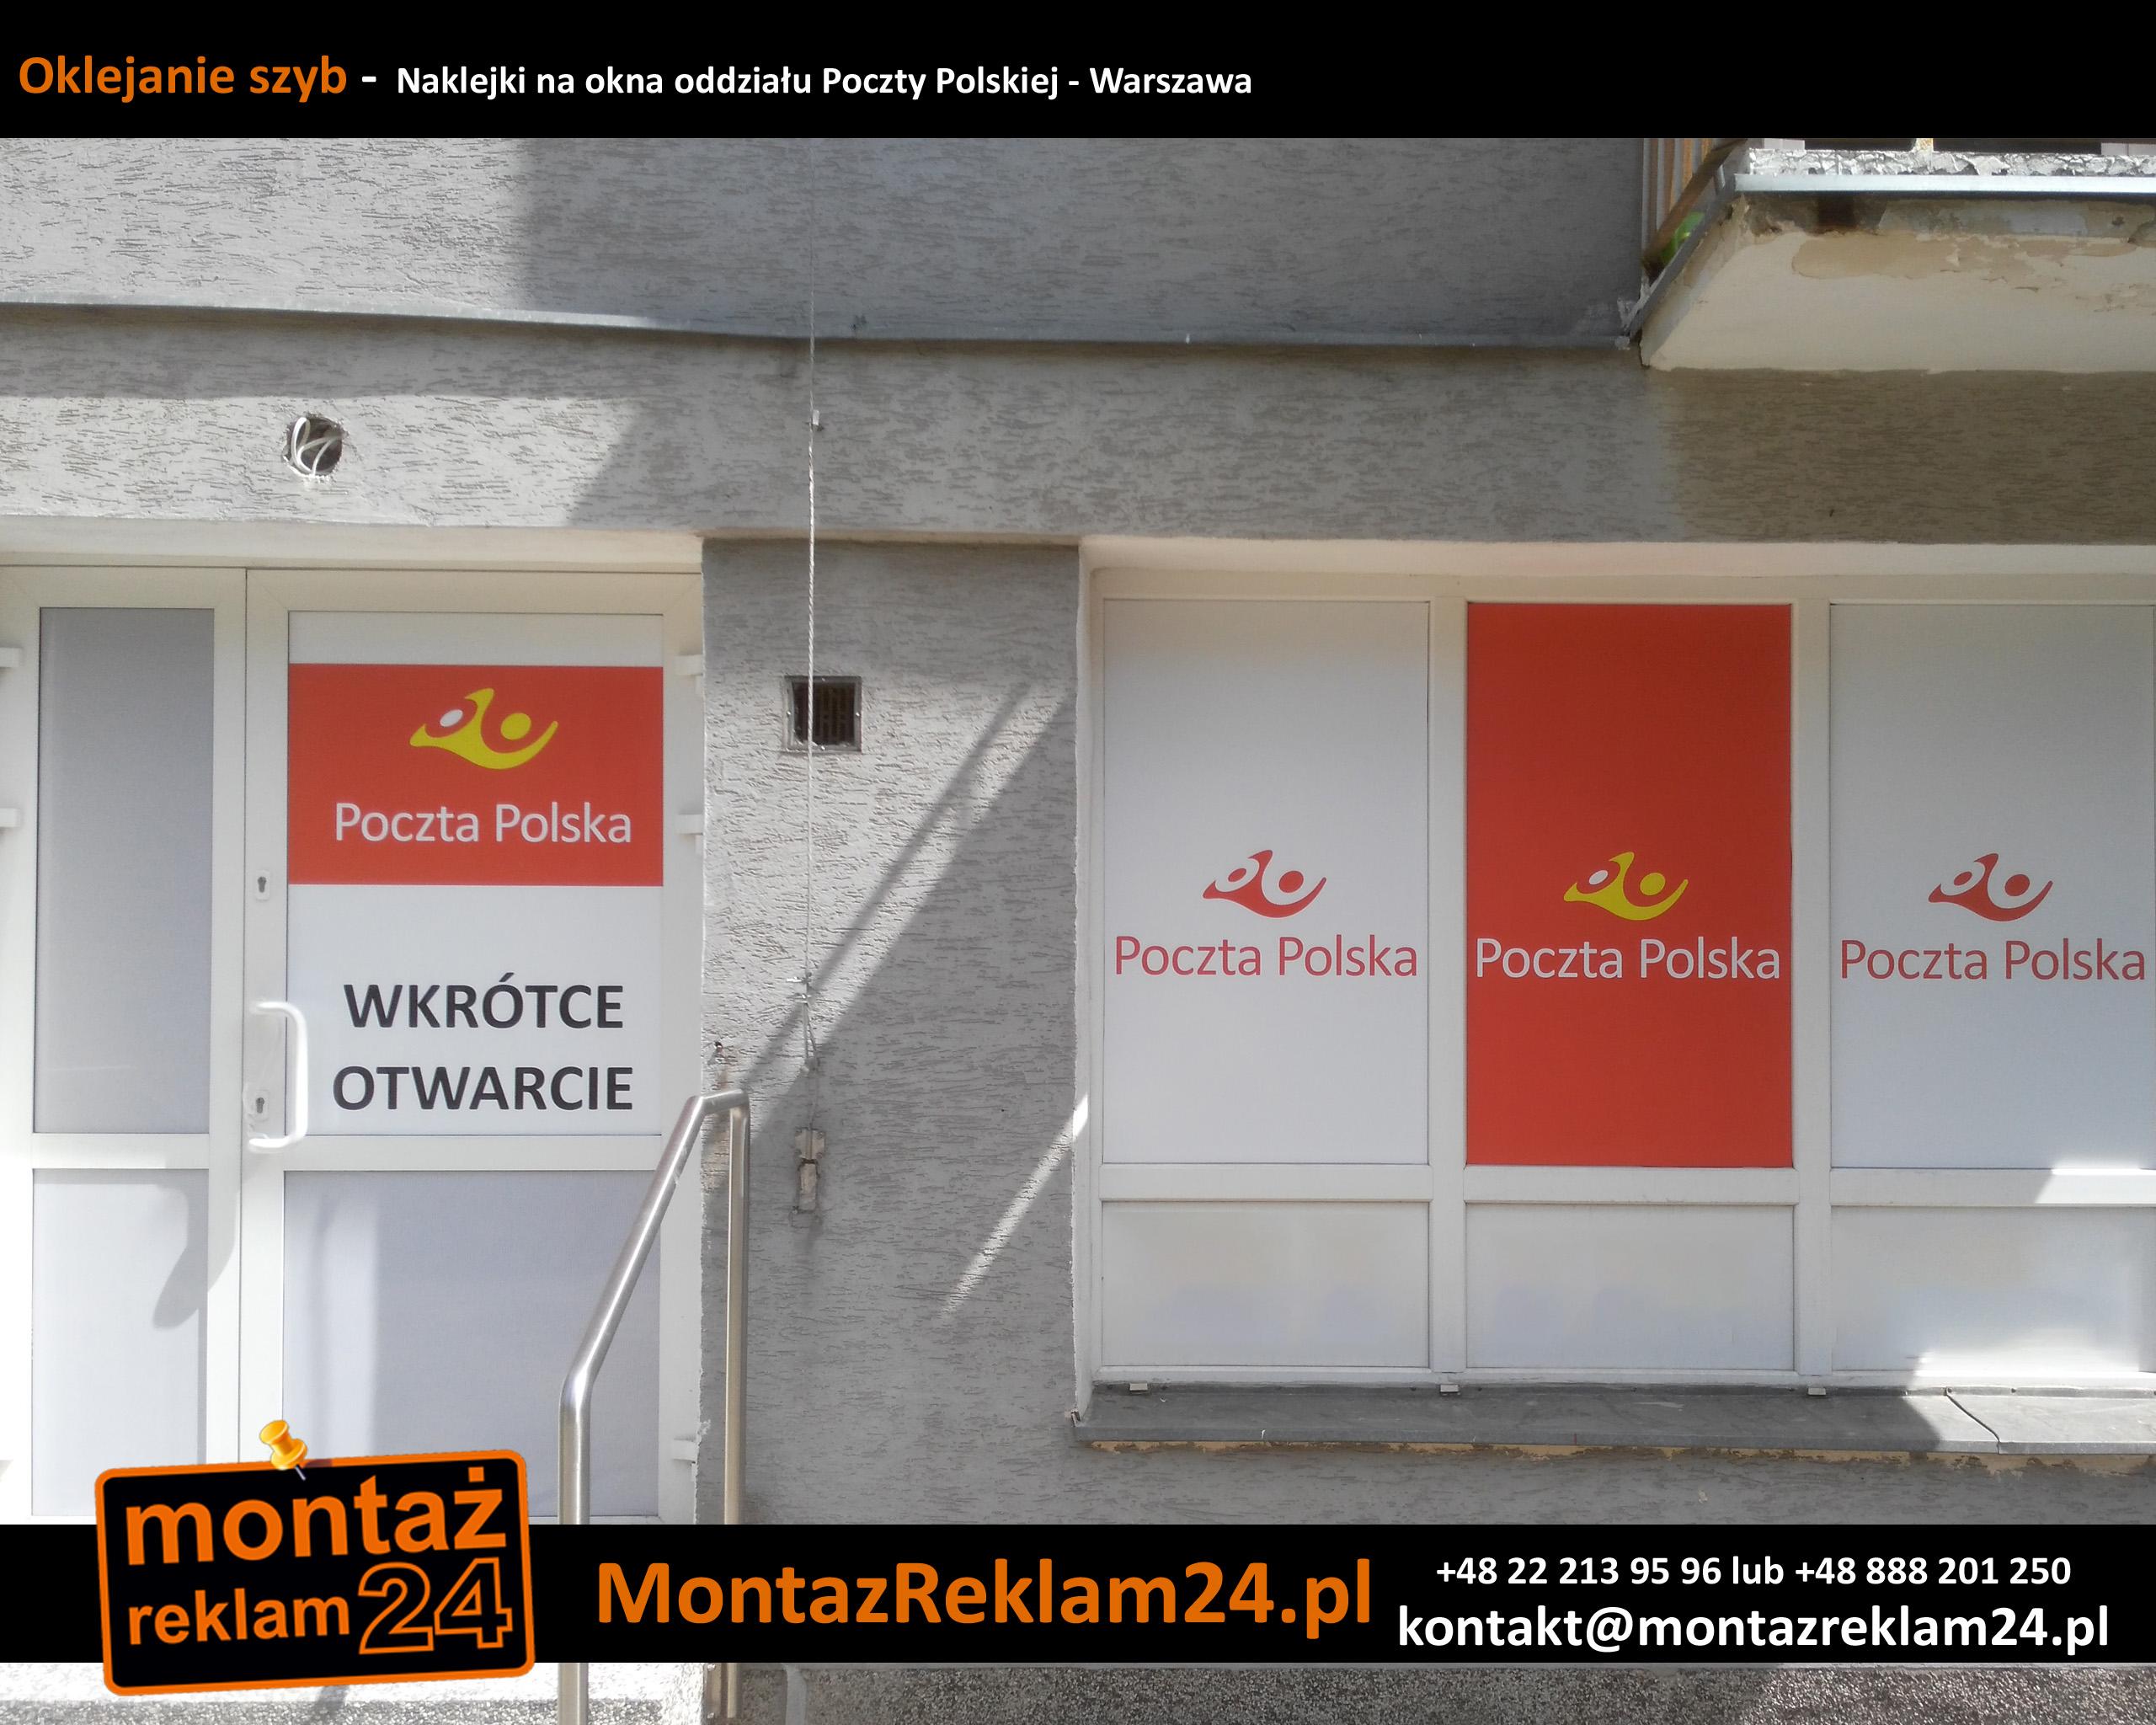 Oklejanie szyb-  Naklejki na okna oddziału Poczty Polskiej - Warszawa.jpg